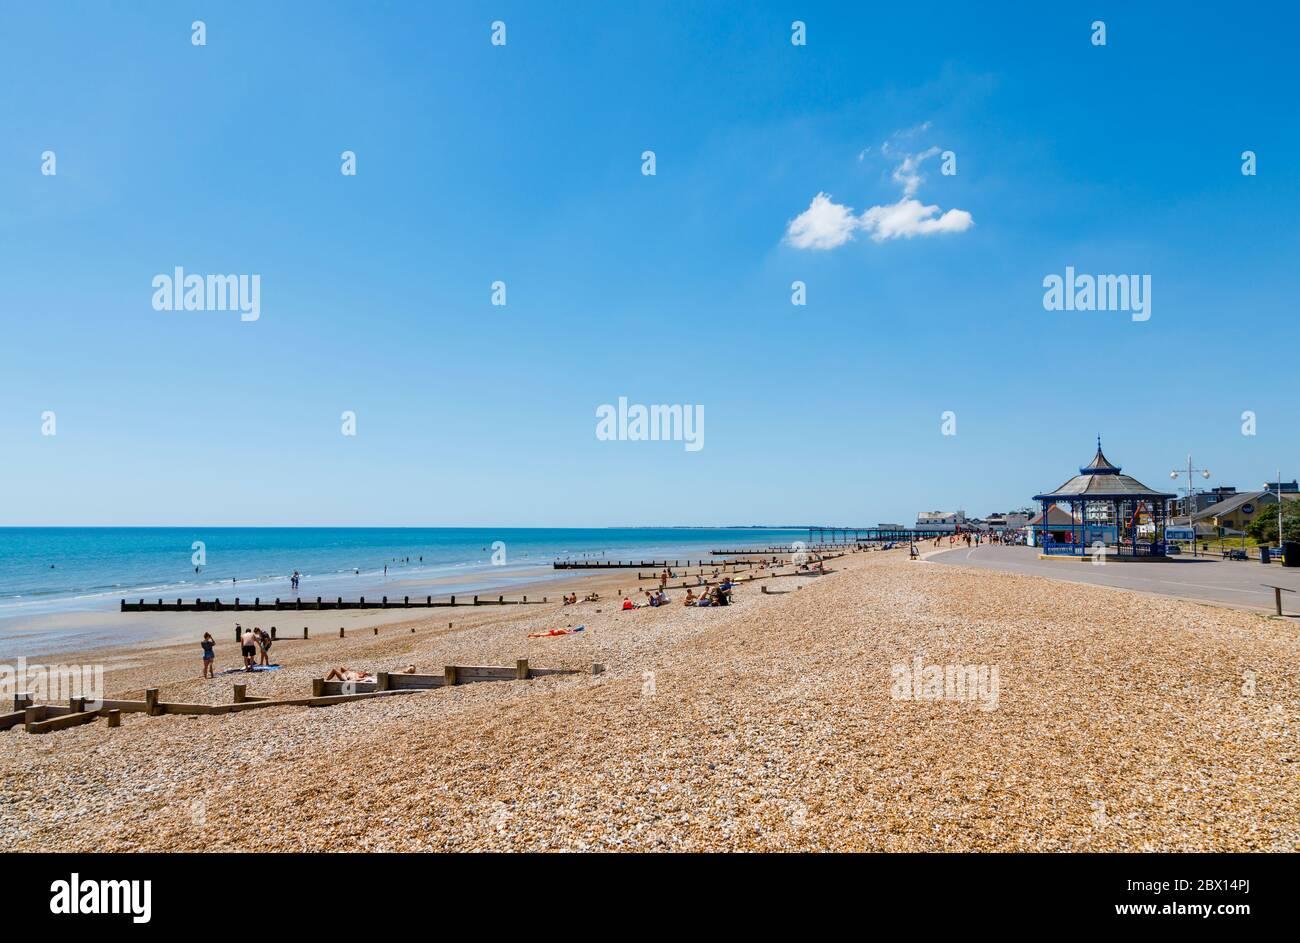 El paseo marítimo de Esplanade que recorre la playa de guijarros y el quiosco de música de Bognor Regis, una ciudad costera en West Sussex, costa sur de Inglaterra Foto de stock